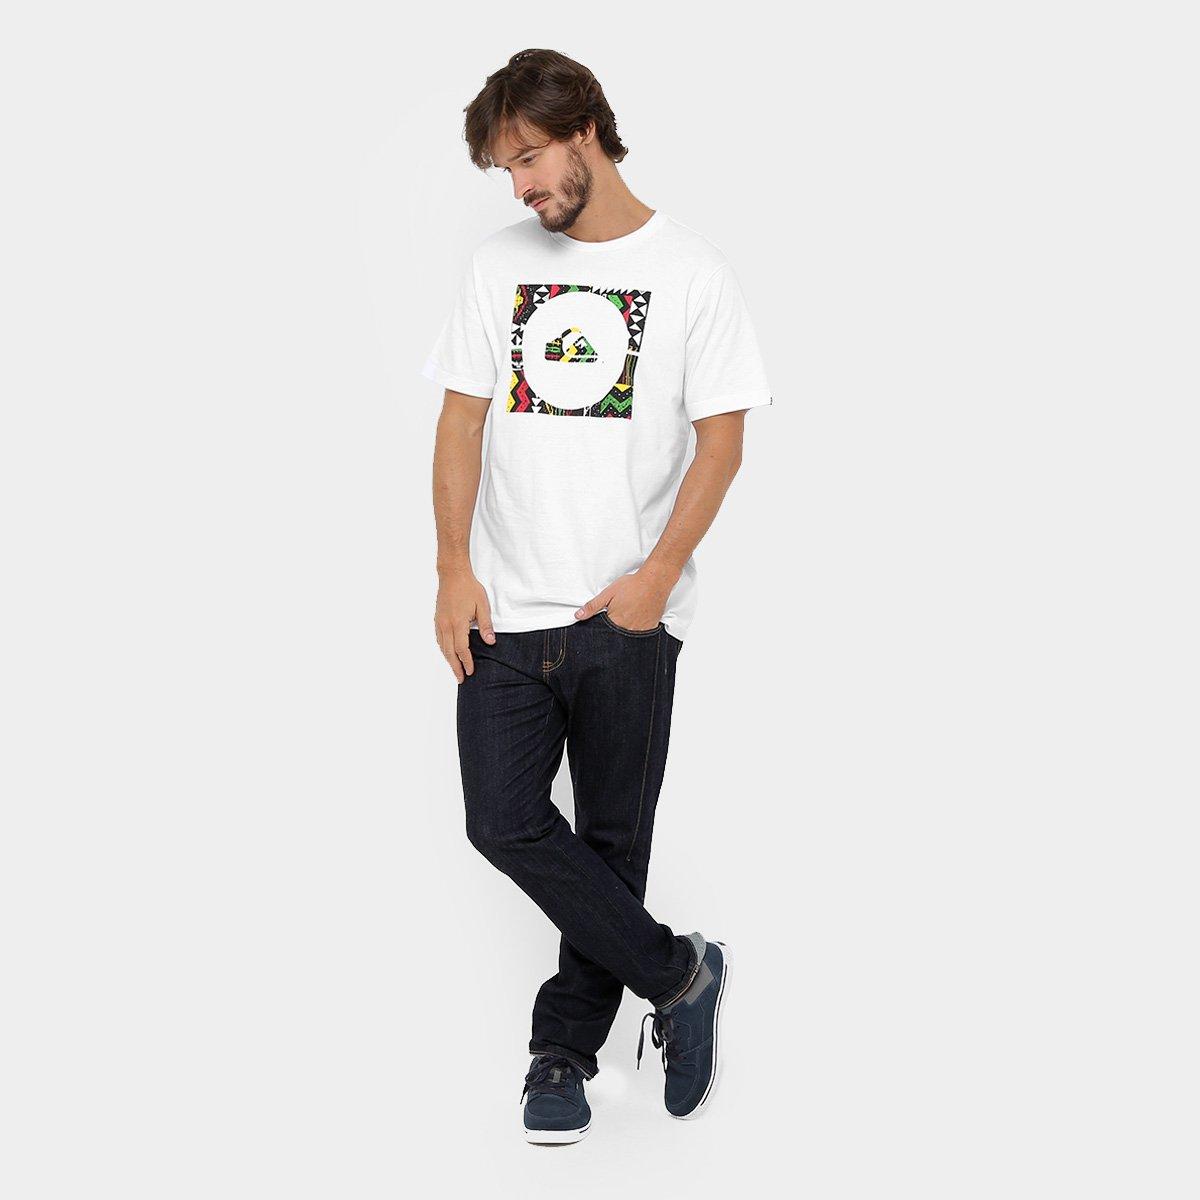 Camiseta Quiksilver Basica Jamaica - Compre Agora  88c4bf1f92e43